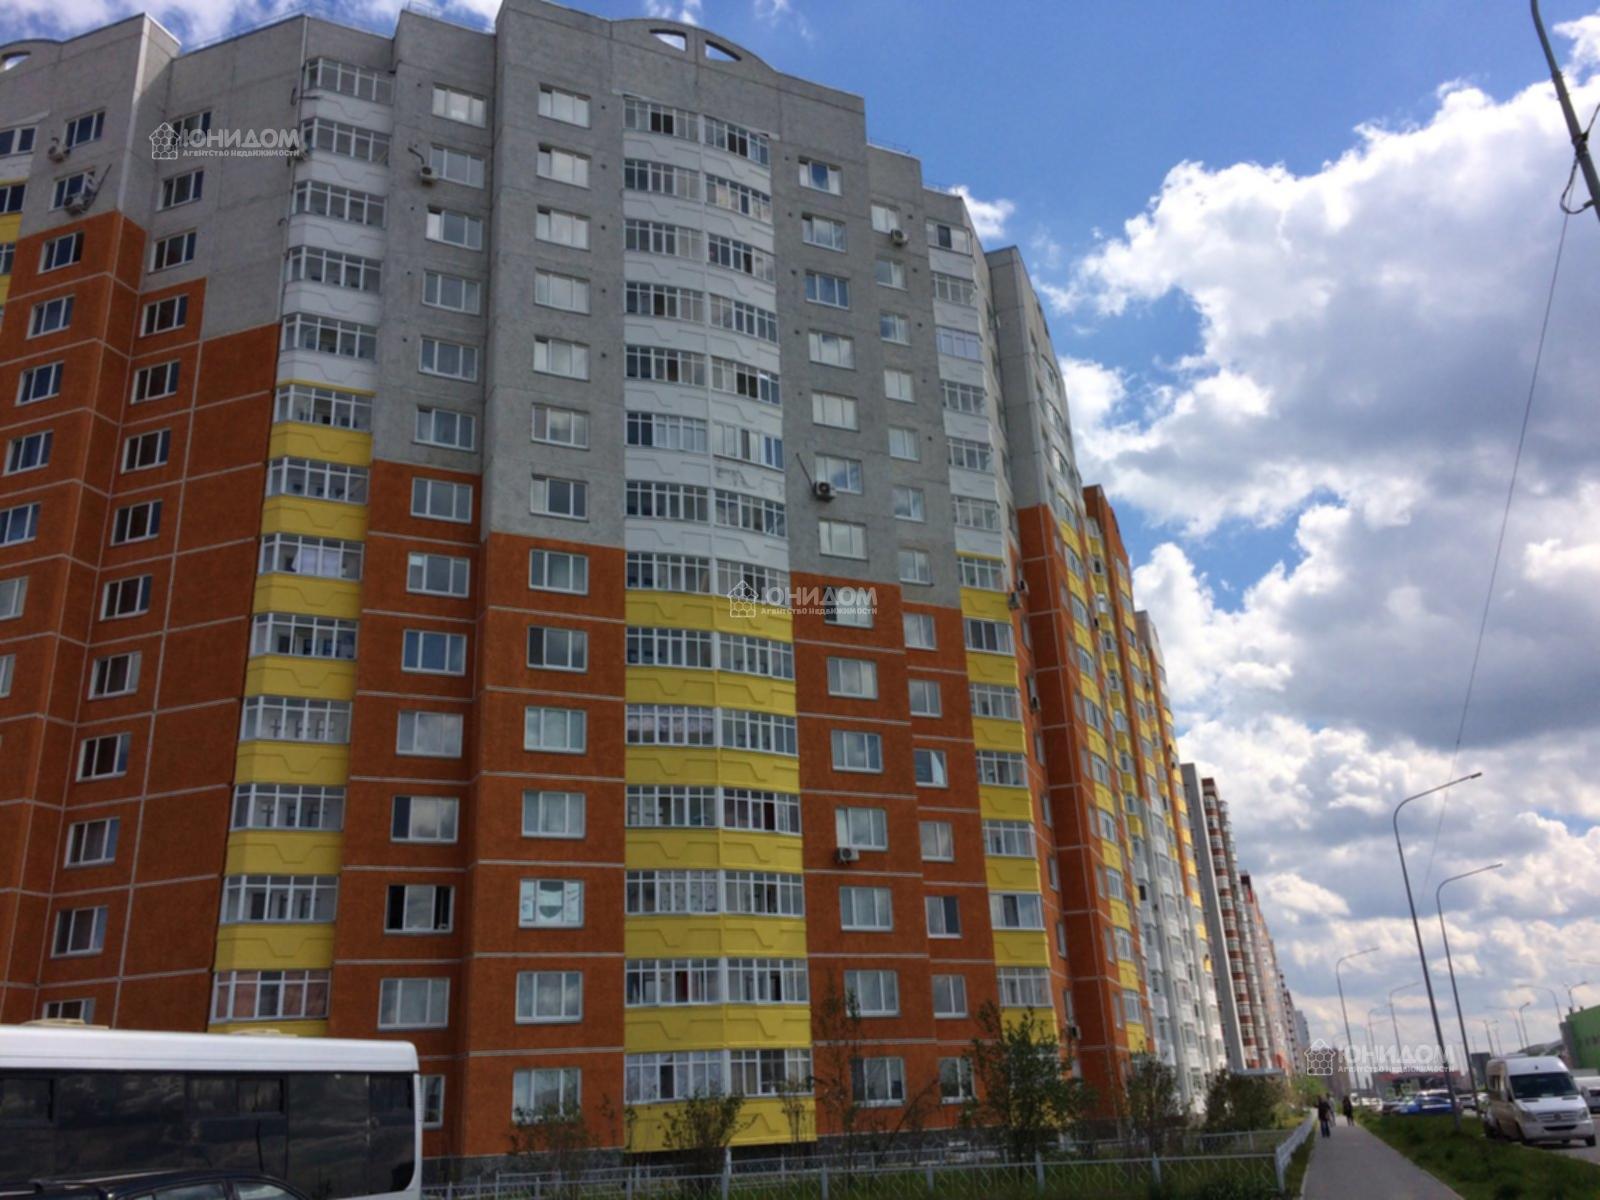 Продам инд по адресу Россия, Тюменская область, Тюмень, Николая Семёнова, 21 к1 фото 1 по выгодной цене